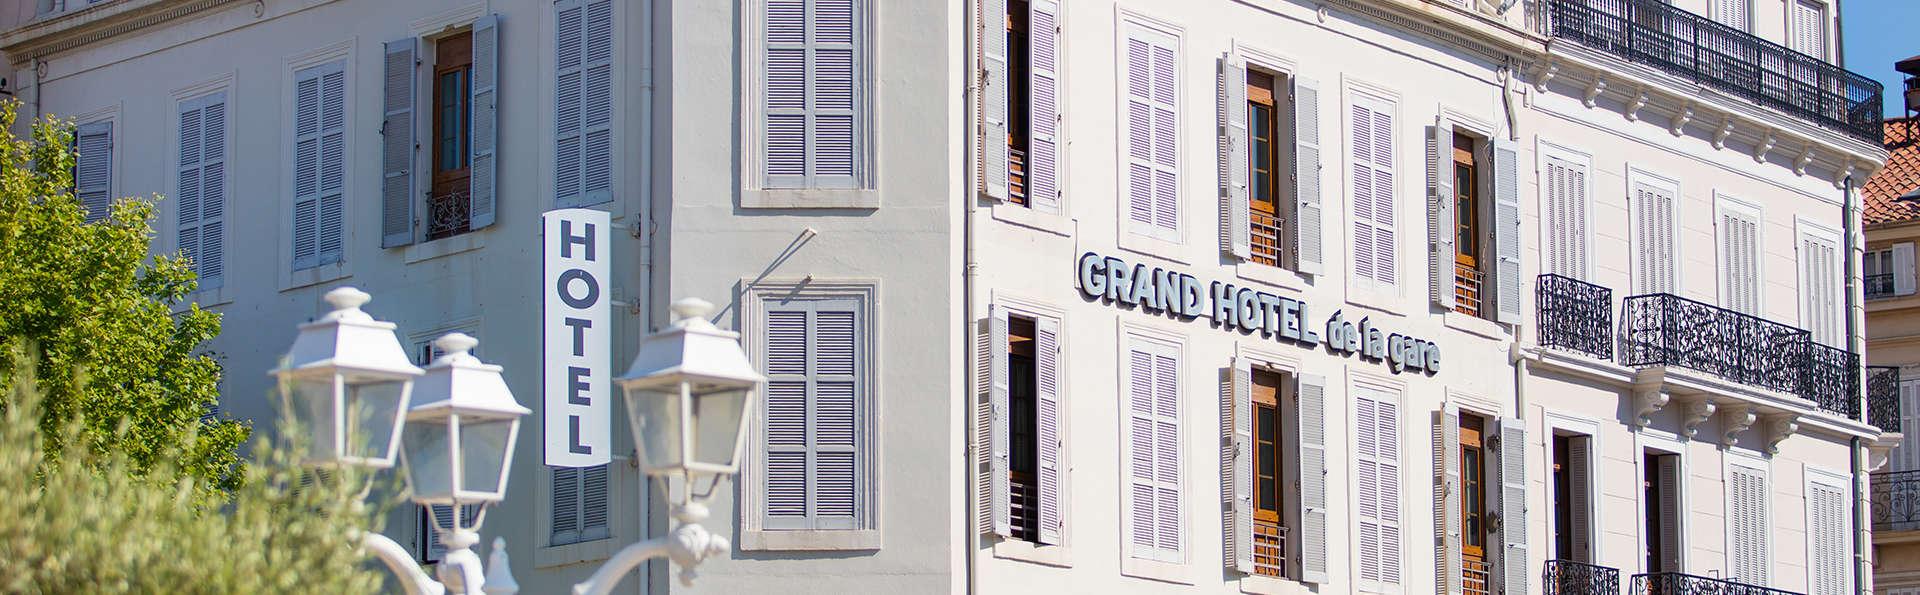 Grand Hôtel de la Gare - Edit_Front.jpg